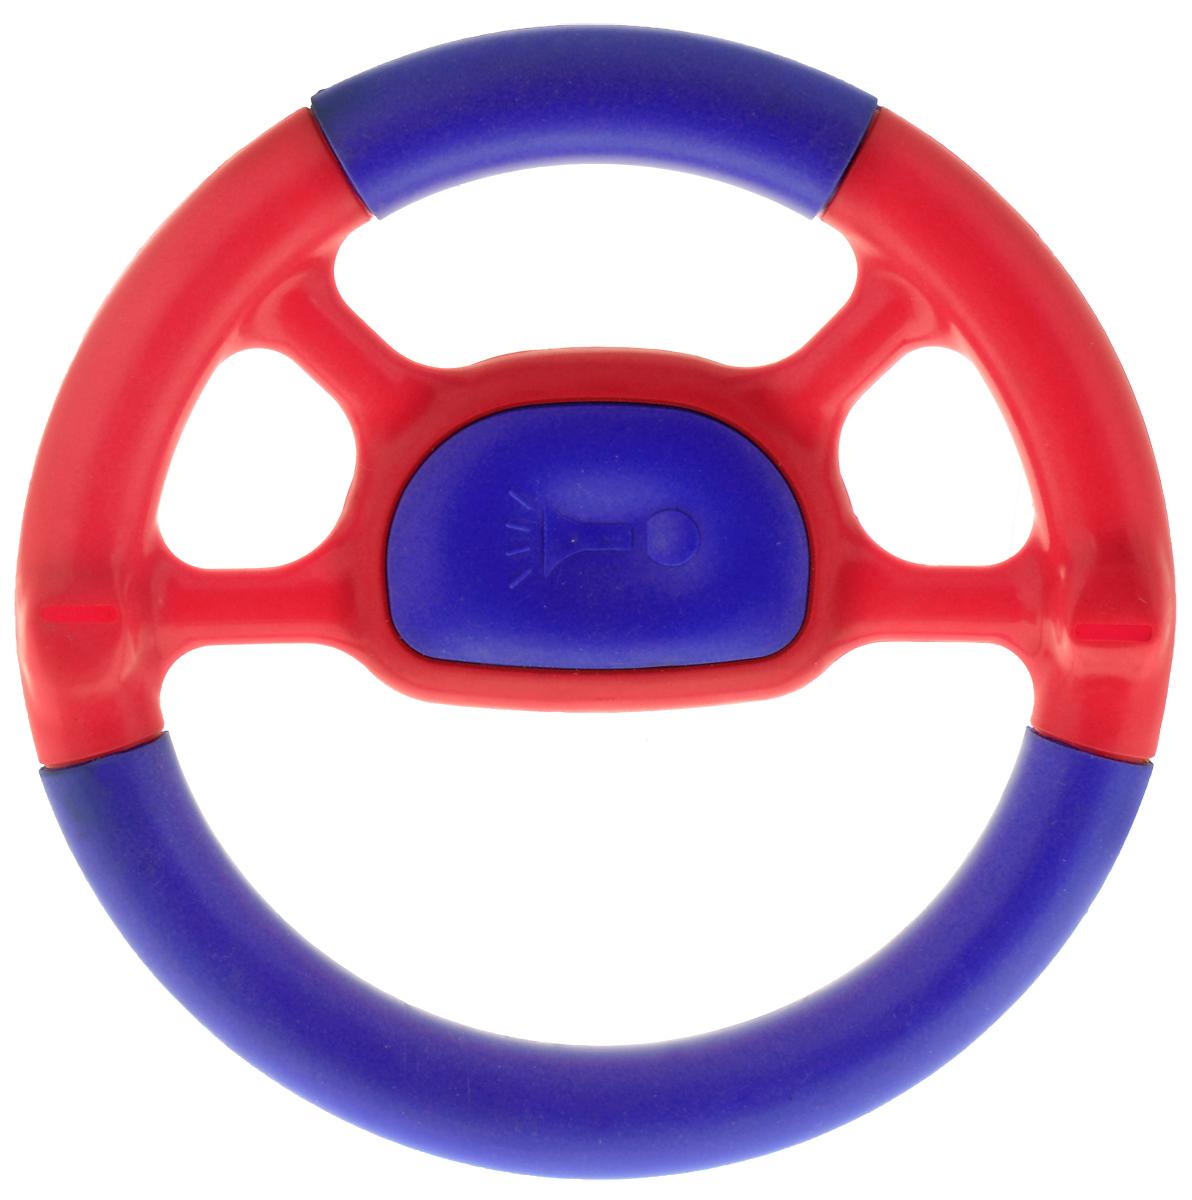 Игрушка для собак Camon Диск-Руль Frisbee, цвет: красный, синий, диаметр 22 смA205/E_красный, синийИгрушка для собак Camon Диск-Руль Frisbee, выполненная из пластика, не позволит скучать вашему любимцу. Изделие предназначено для активного времяпровождения на открытом воздухе. Во время полета под действие потоков воздуха издает свистящие звуки, что позволит собаке легко находить игрушку.Диаметр: 22 см.